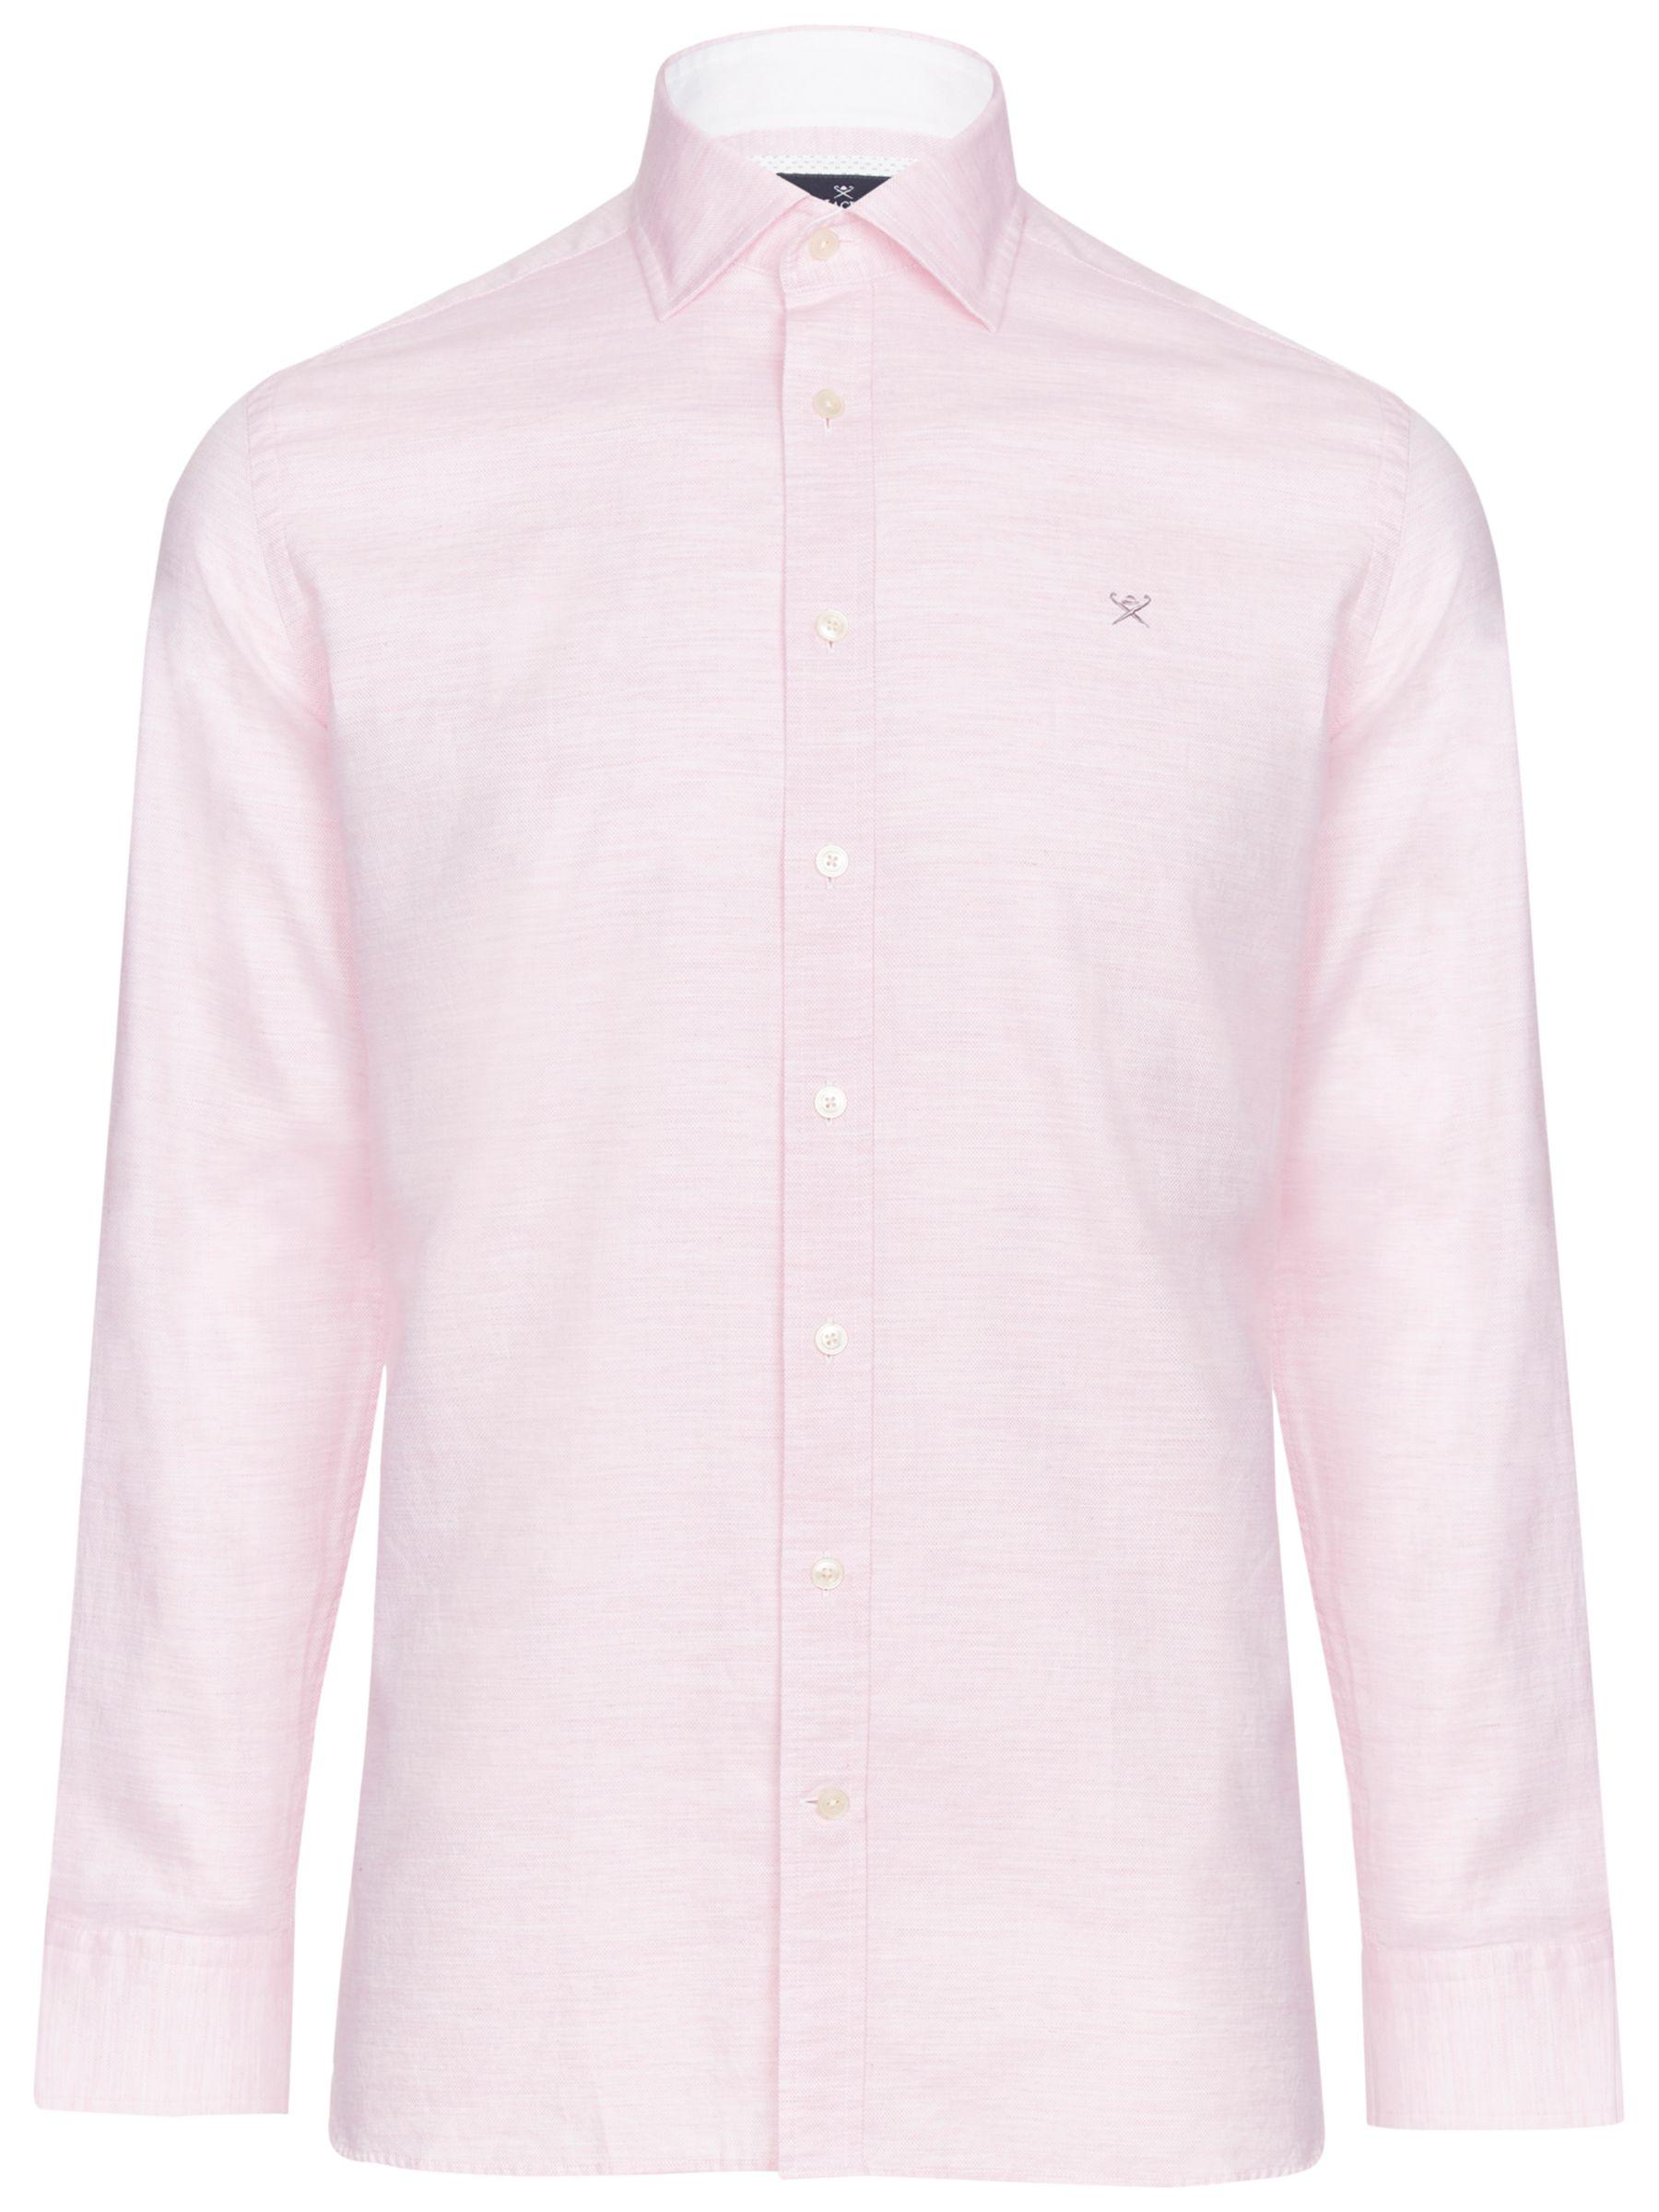 Hackett London Hackett London Plain Melange Slim Fit Shirt